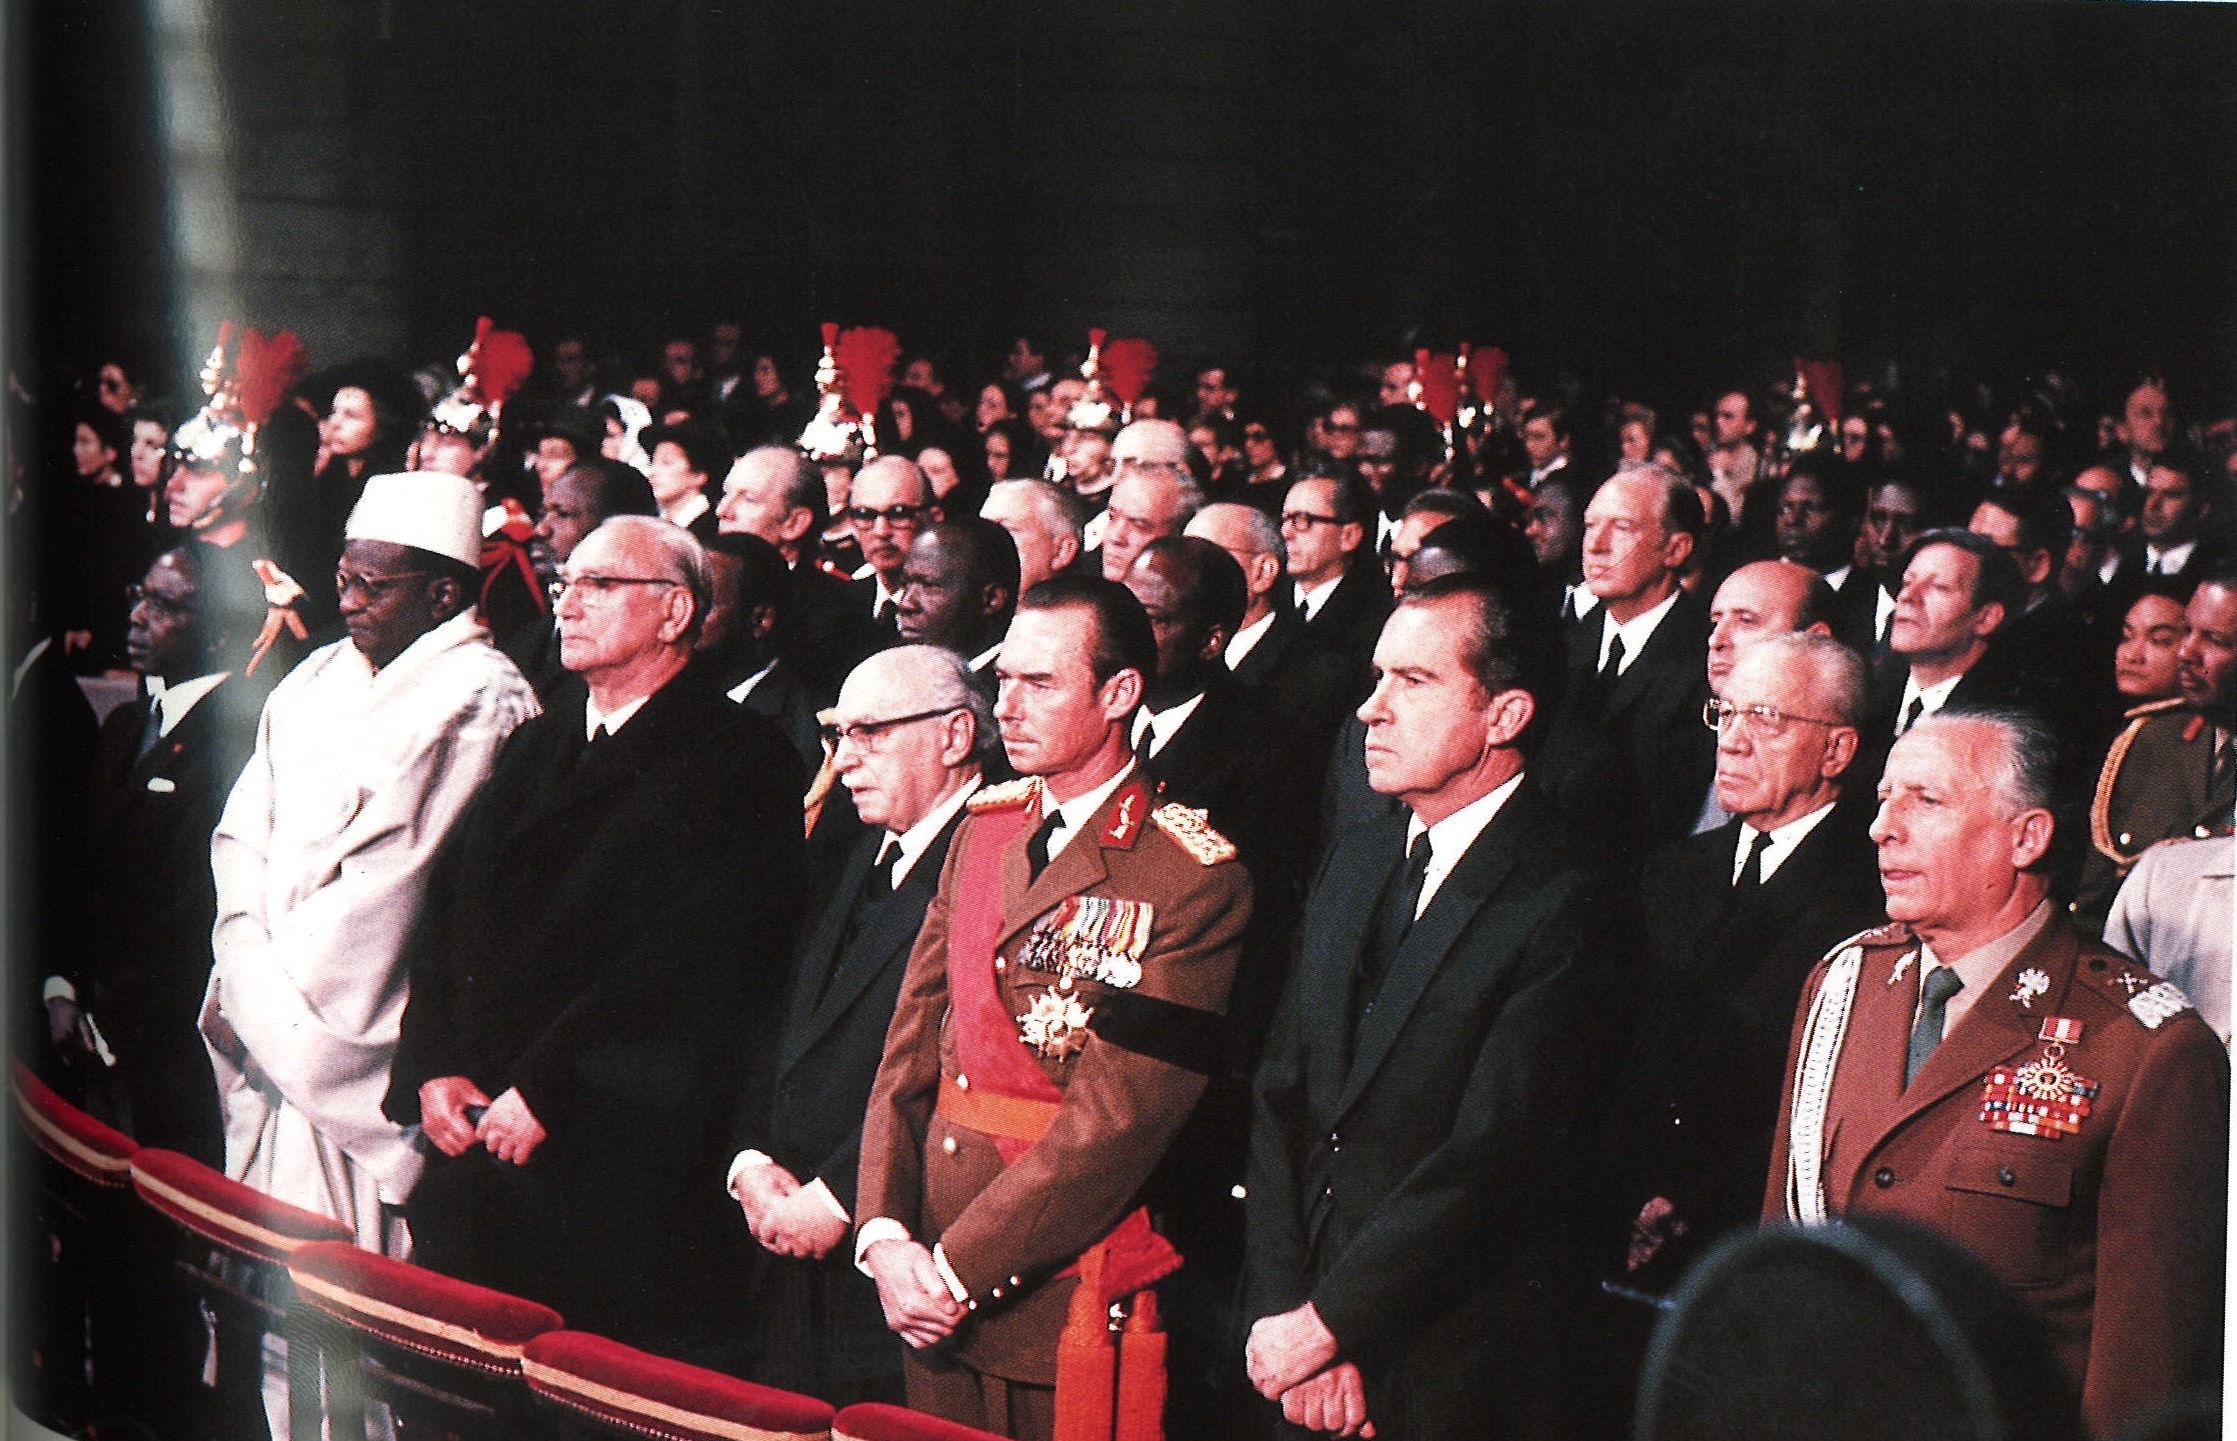 Messe solennelle à Notre-Dame en présence de quatre-vingts souverains et chefs d'Etat, le 12 novembre 1970